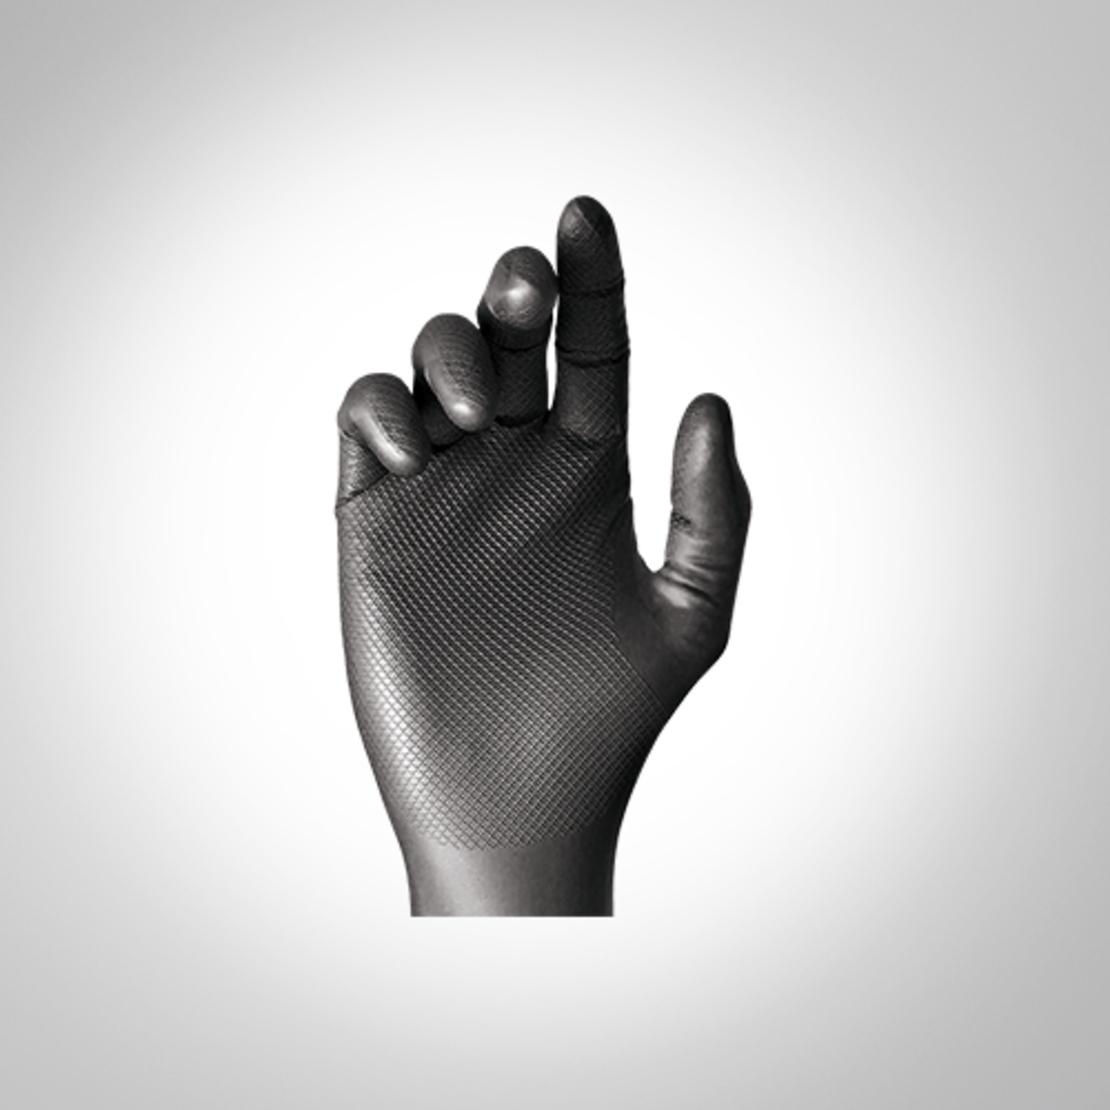 כפפות ניטריל חד פעמיות לעבודות מכניות דגם Grippaz Black